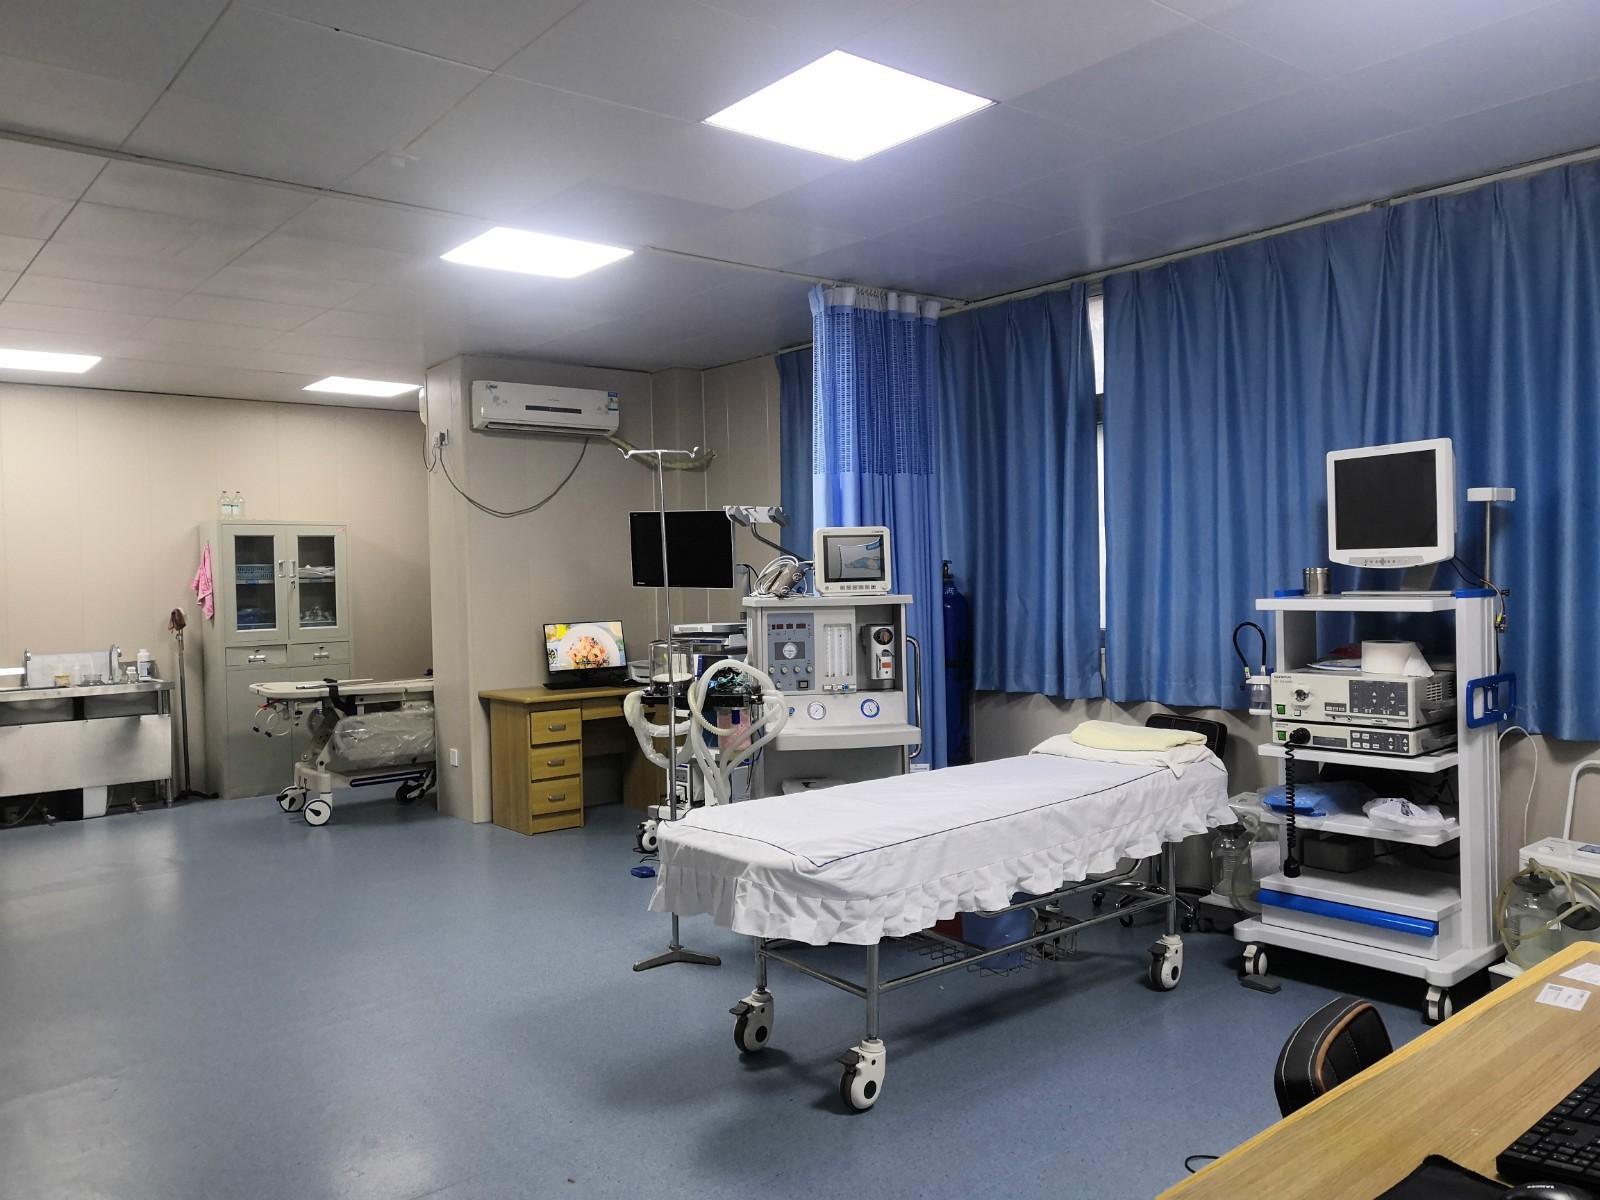 山西惠民医院:舒适化医疗让胃肠镜不再可怕